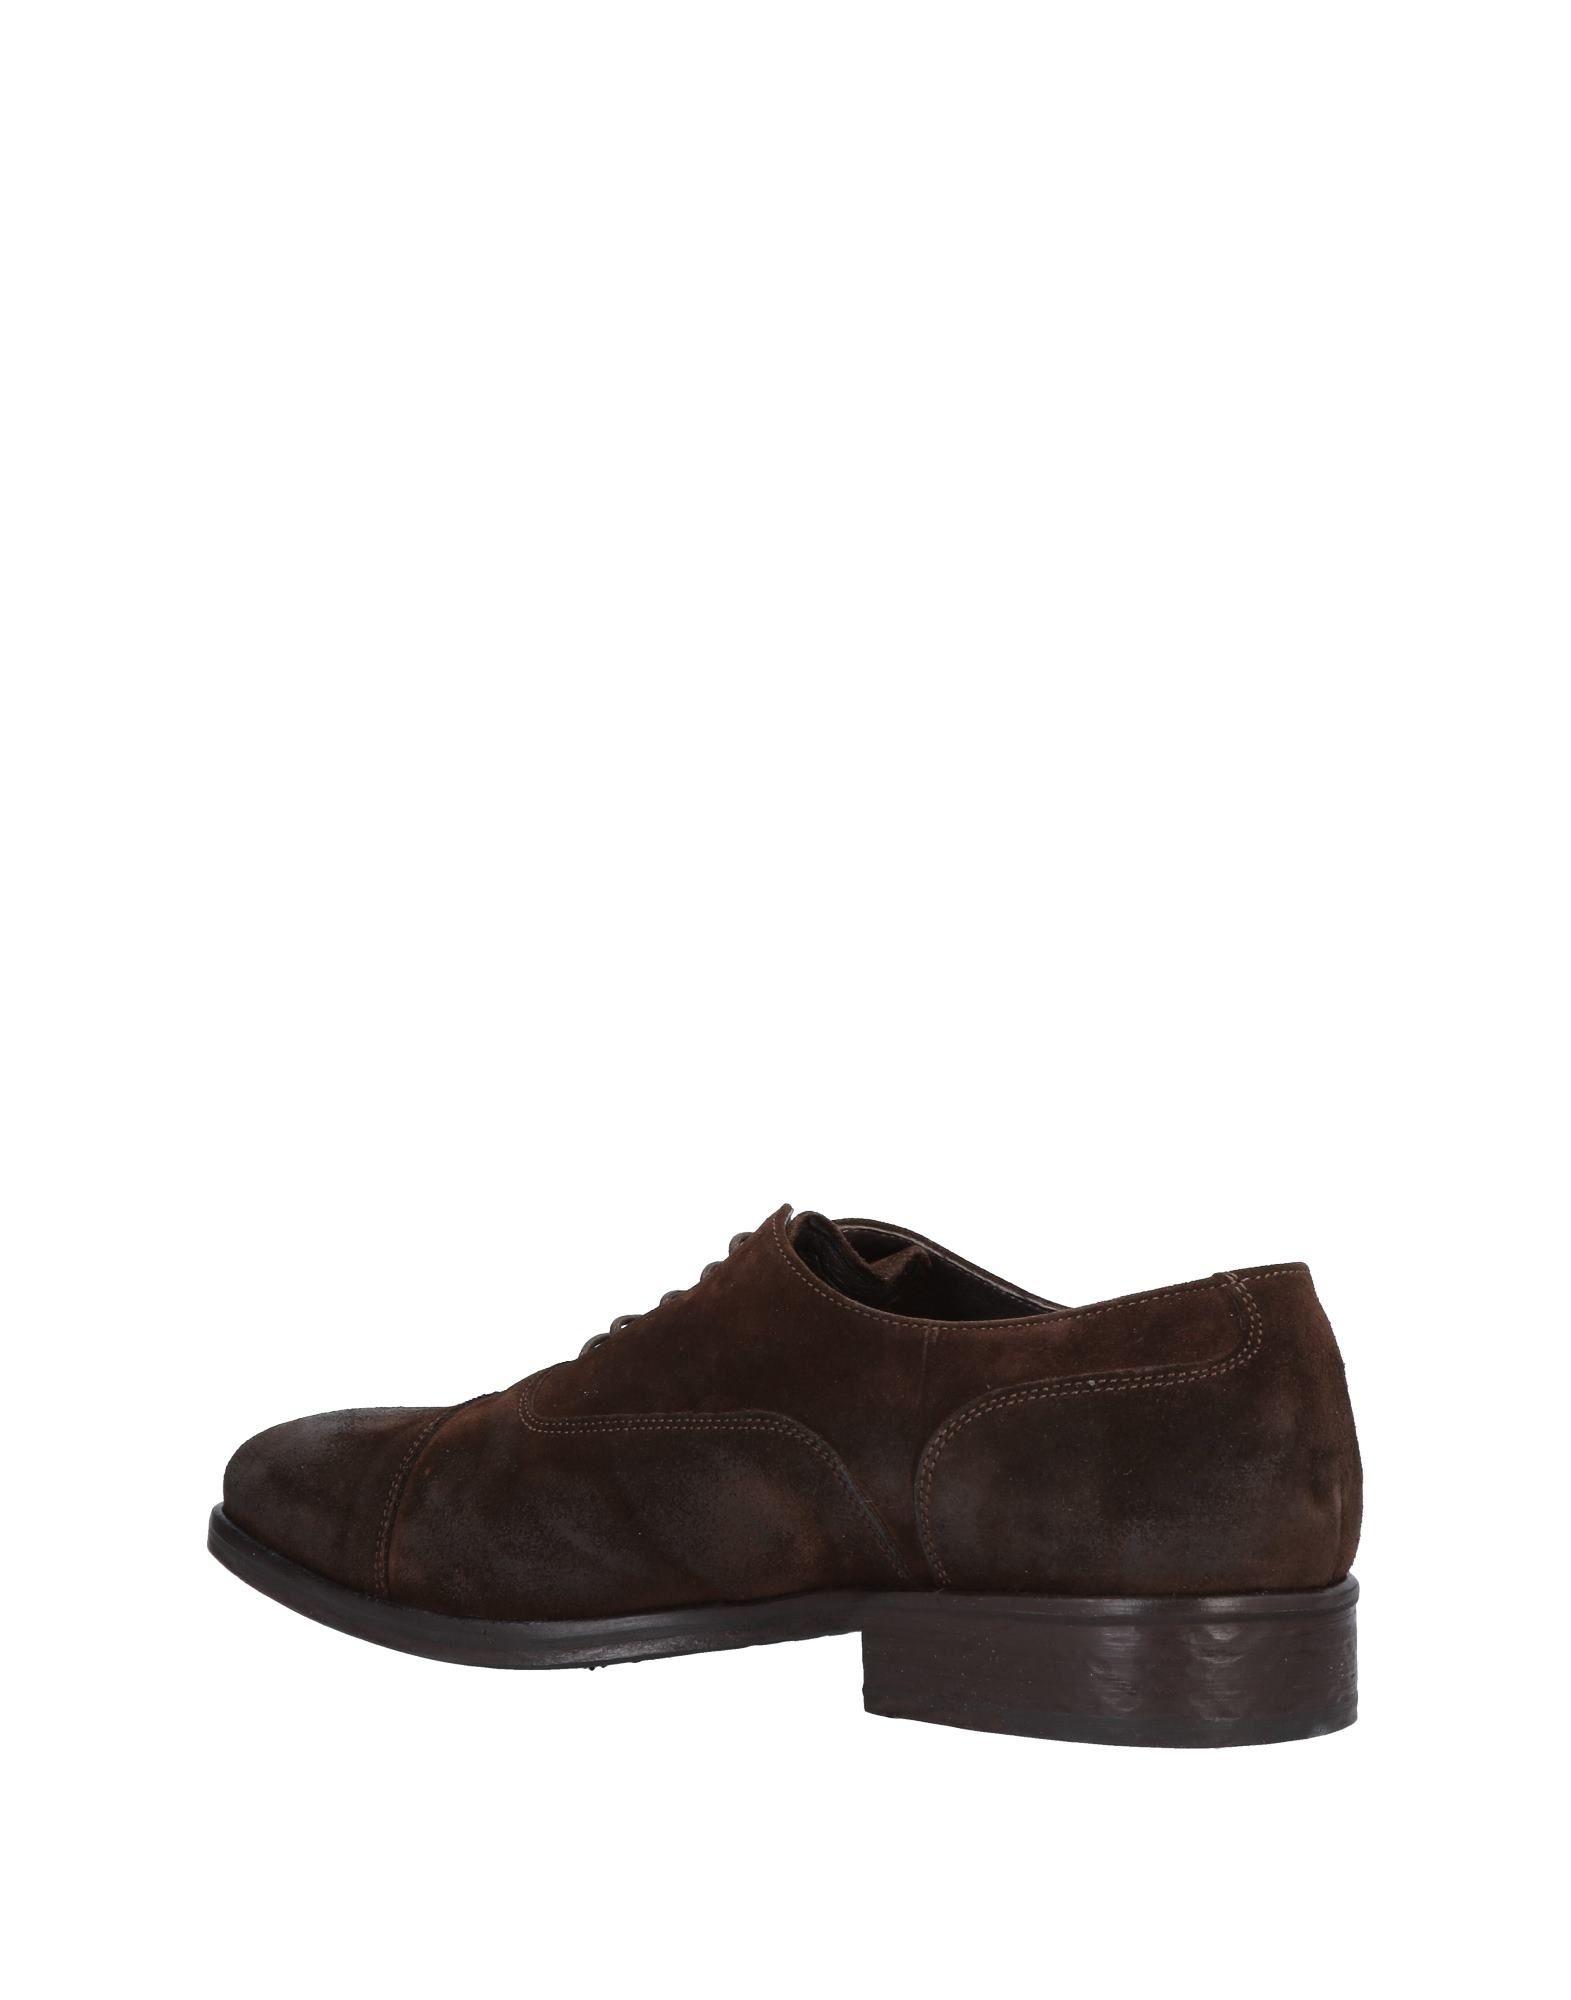 Rabatt echte Schuhe Daniele  Alessandrini Schnürschuhe Herren  Daniele 11475137MN 496225